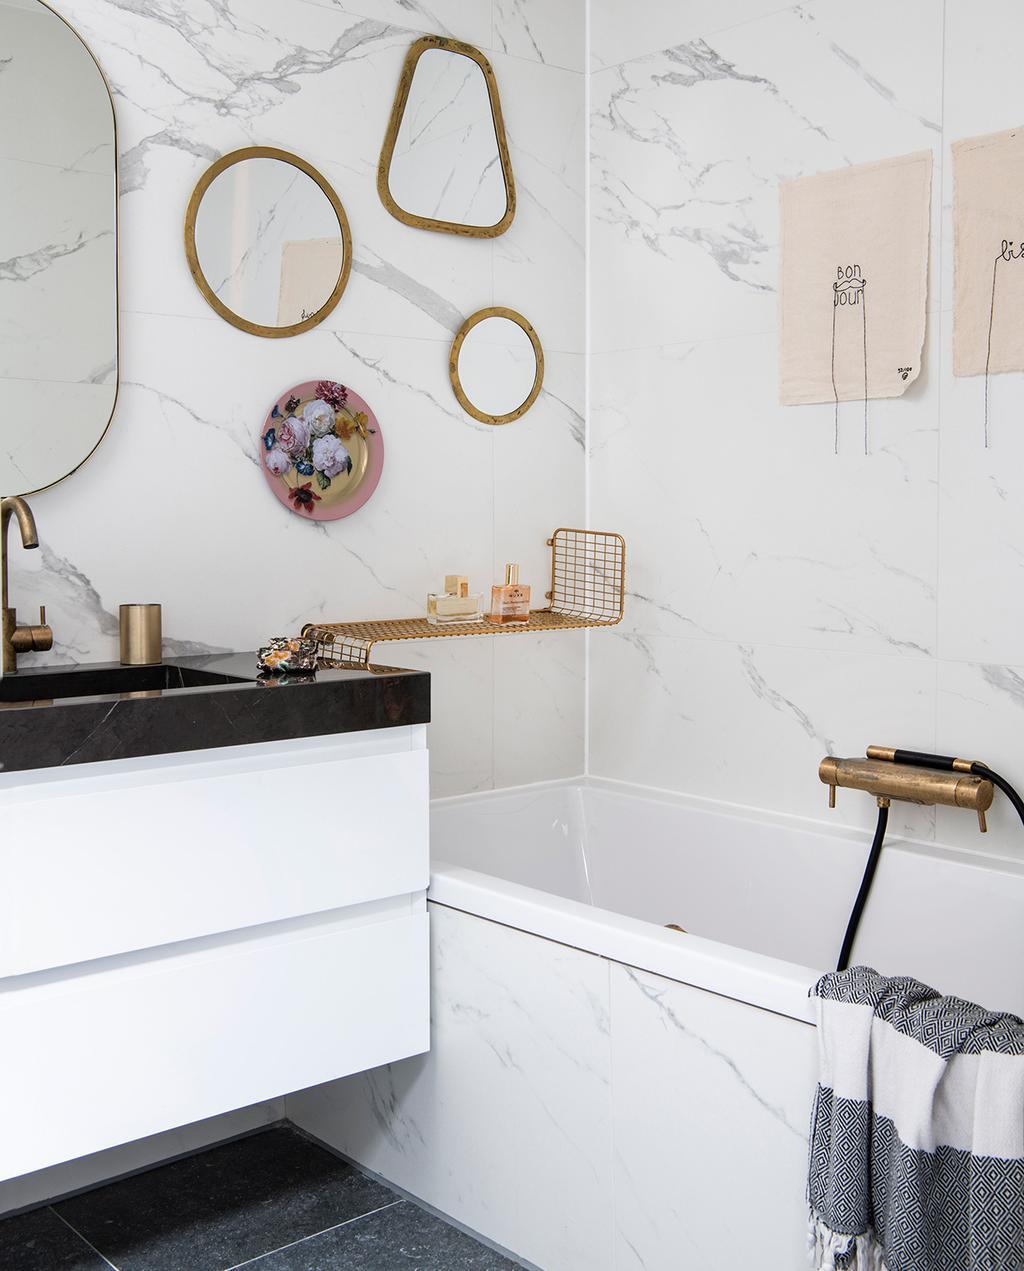 vtwonen 06-2021 | badkamer met marmeren muur en bad, en drie gouden spiegels aan de wand